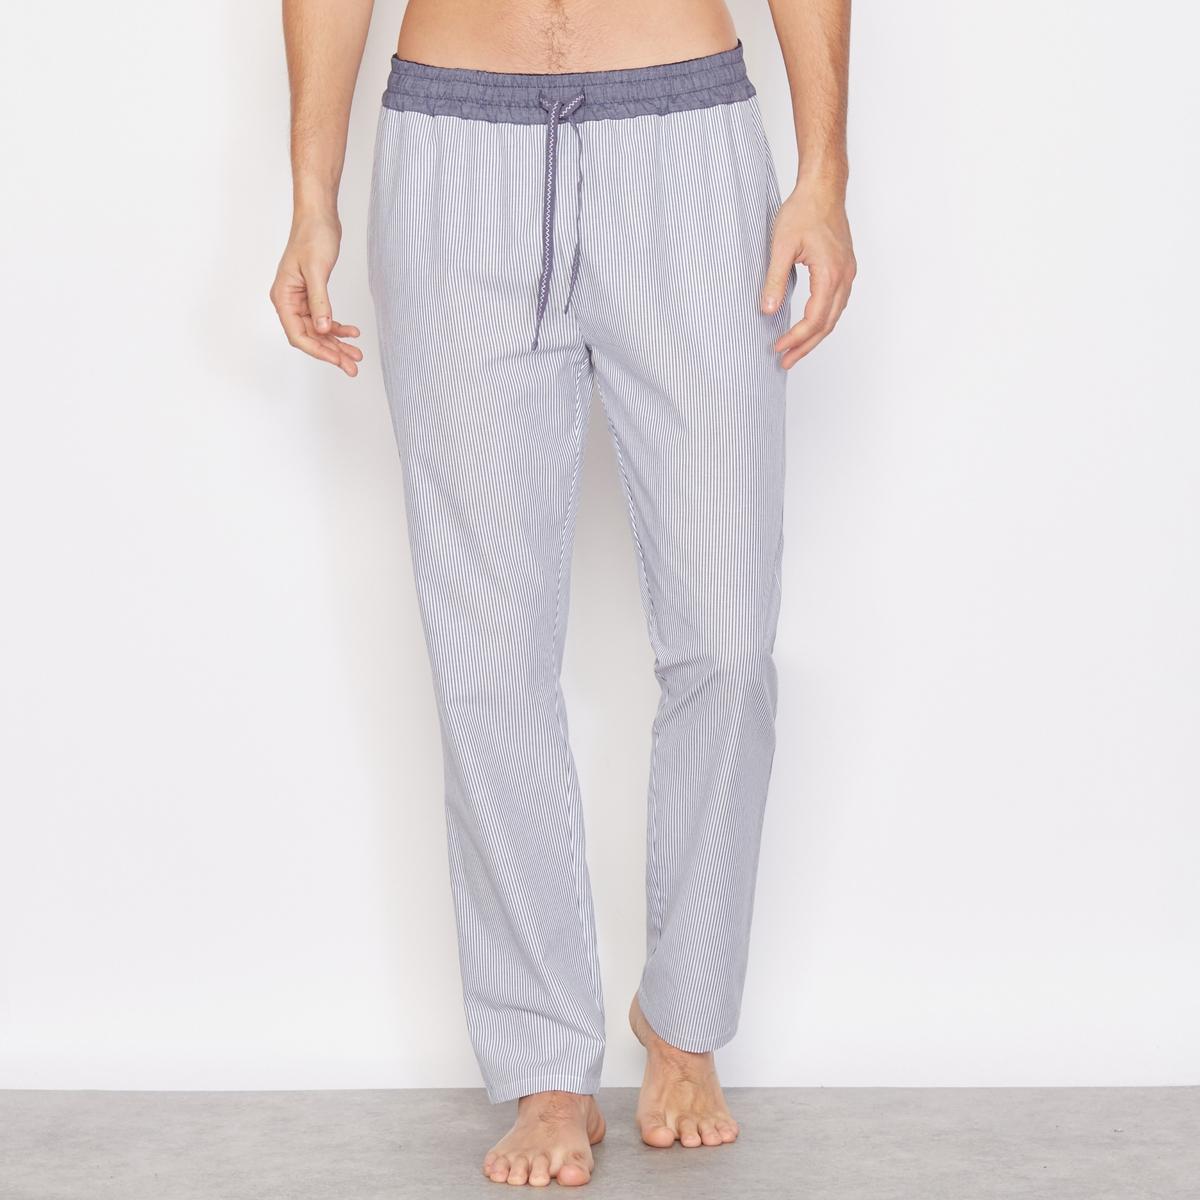 Брюки пижамные в полоску, 100% хлопкаПижамные брюки в тонкую полоску, прямой покрой, эластичный пояс с контрастными завязками. Состав &amp; описание:Материал: 100% хлопка.Марка: R essentiels. Уход:Машинная стирка при 30°.<br><br>Цвет: синий/ в полоску<br>Размер: 48/50.52/54.56/58.40/42